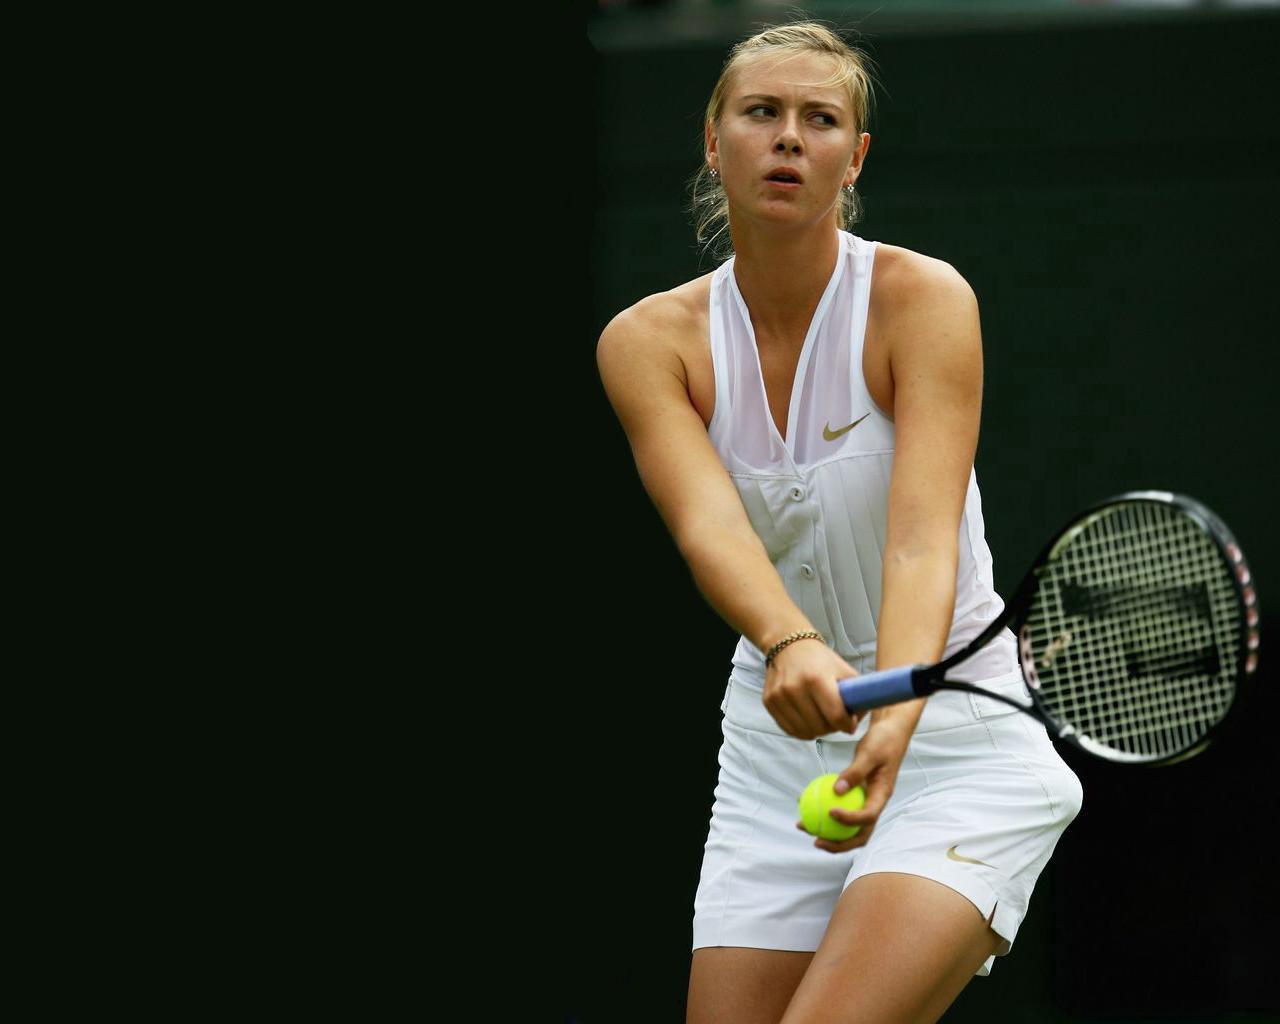 Мария шарапова в большом теннисе и секс